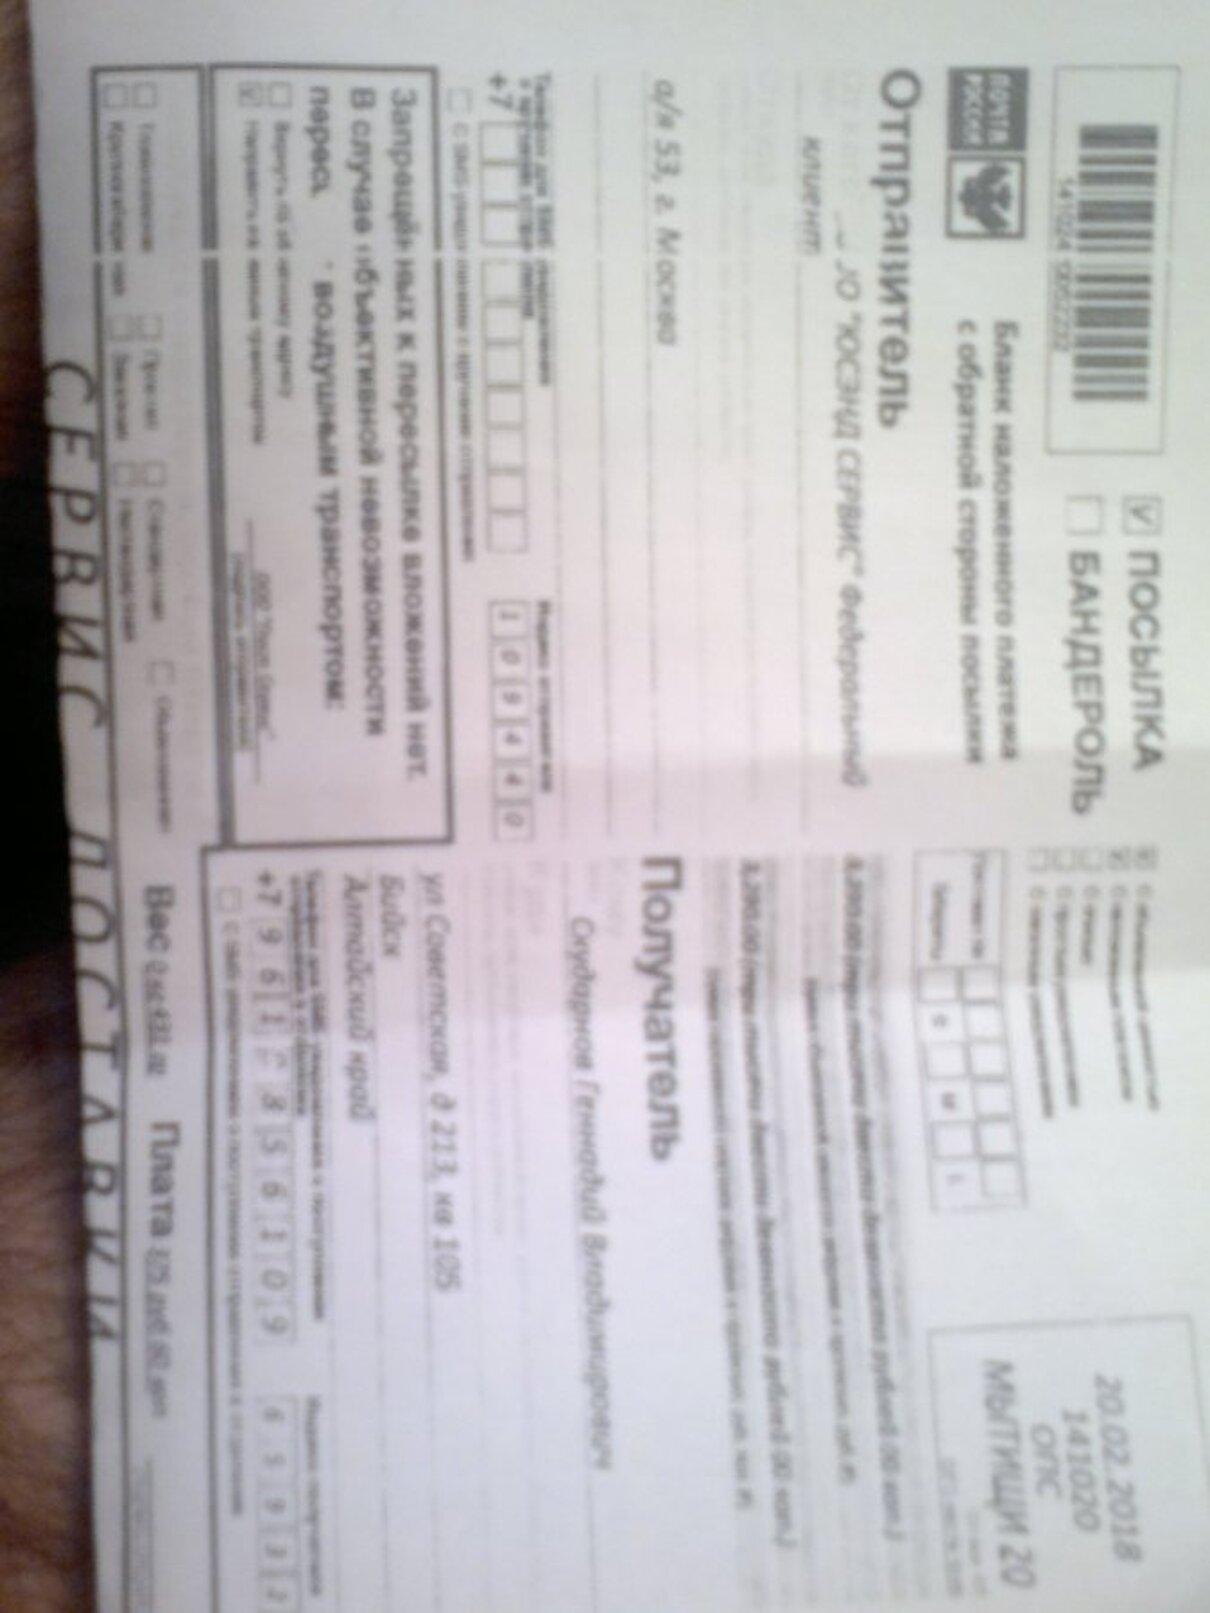 Жалоба-отзыв: Carmirror-pro, shop-autoscanner.ru - Прислали не тот товар. вернуть деньги.  Фото №4